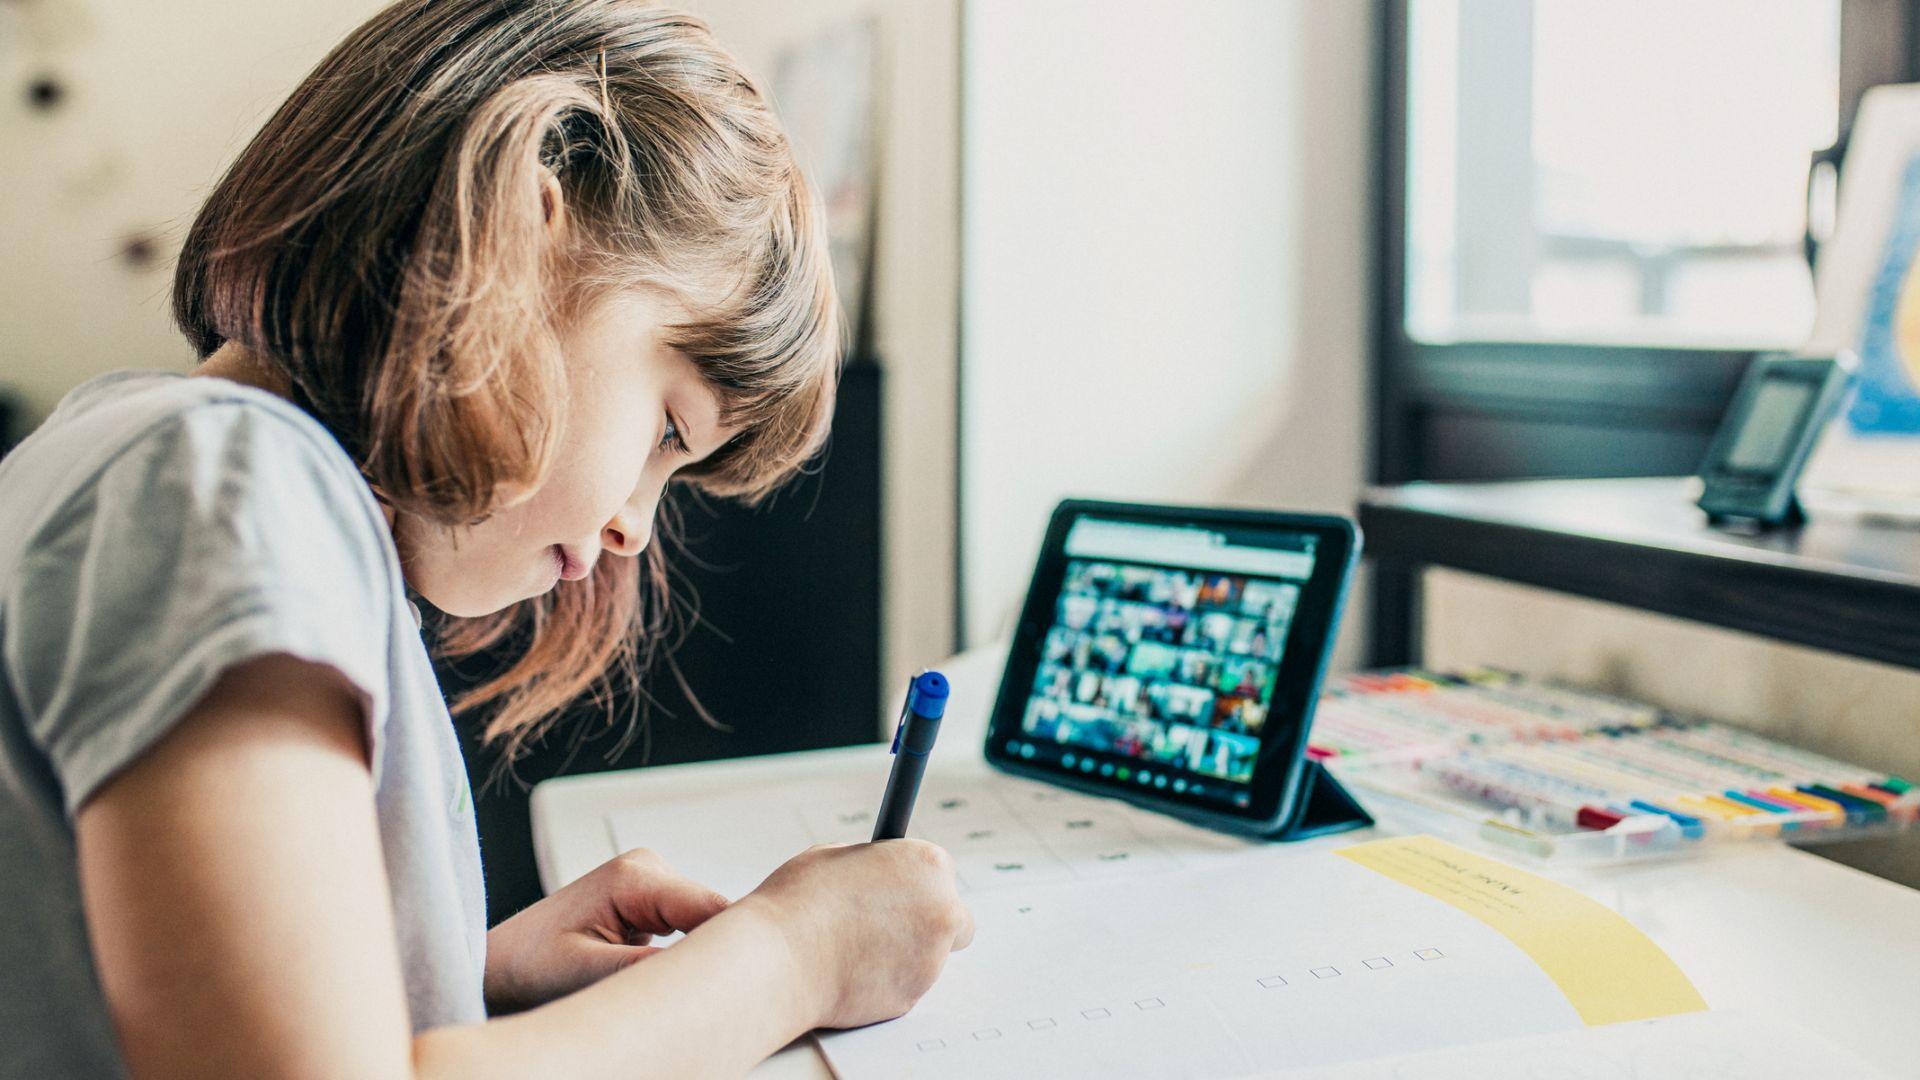 Ако детето ви е станало по-рано, то ще възриема много по-добре информацията от първите часове